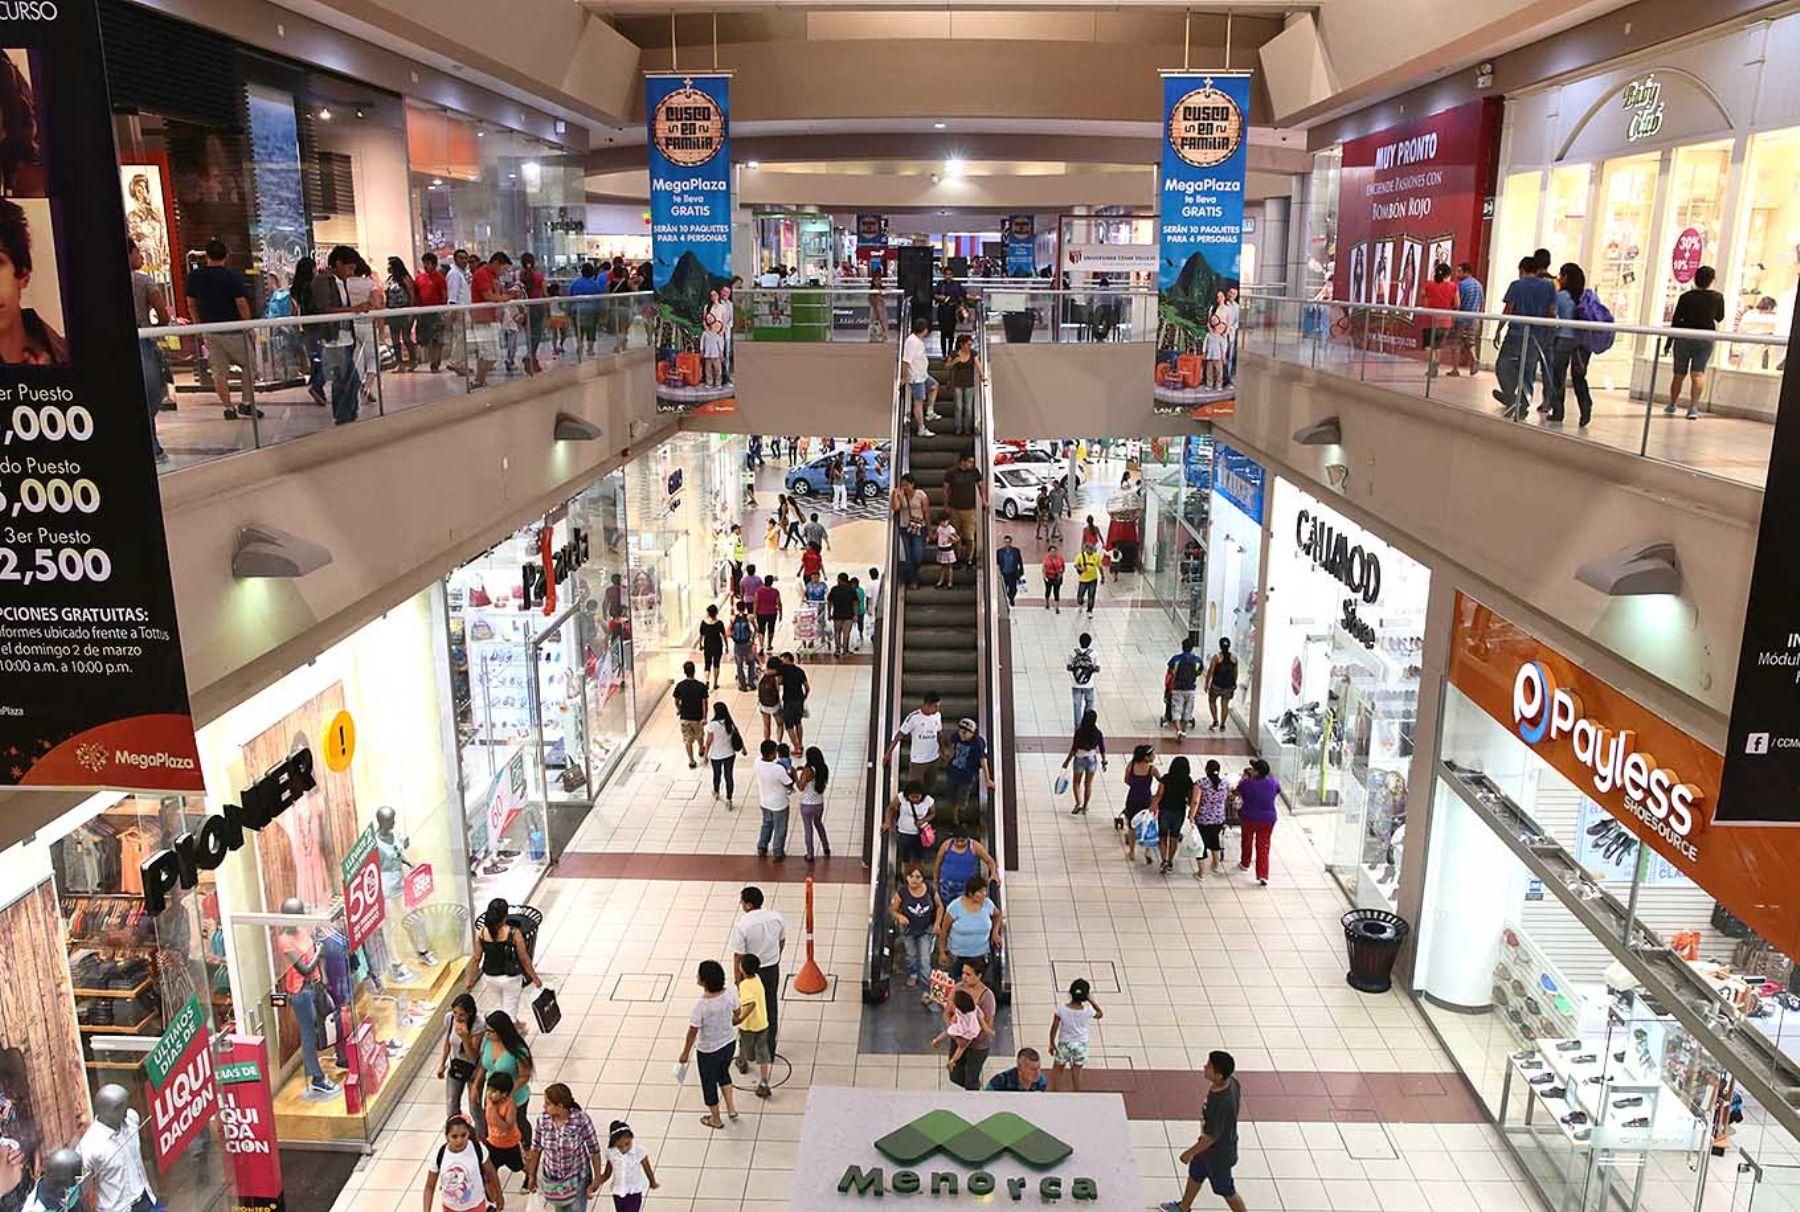 centros comerciales 2019